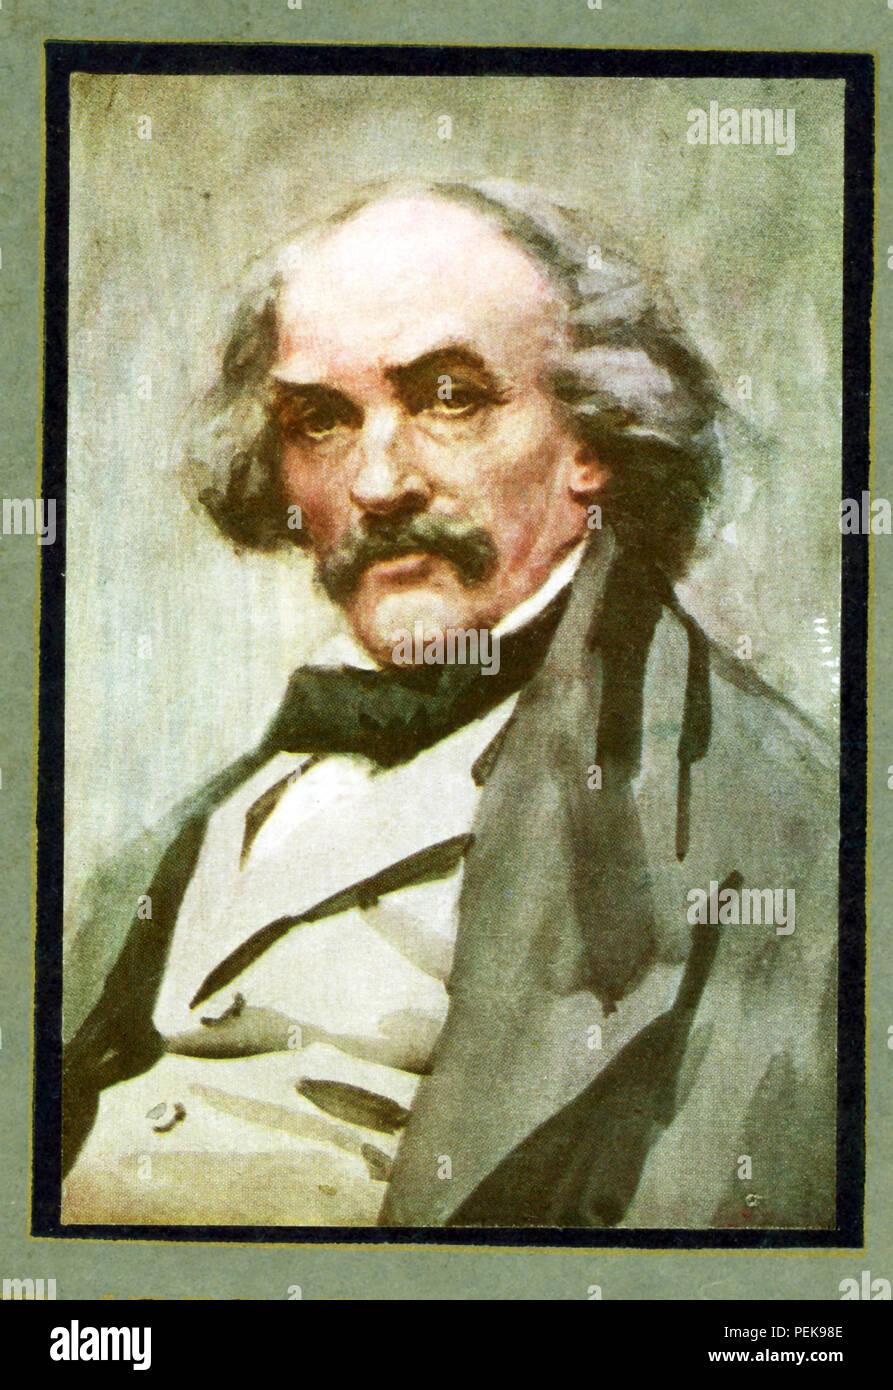 Nathaniel Hawthorne (1804-1864) era un americano romanziere e novelliere. Il suo Wonder-Book e Tanglewood Tales sono figli di classici. Scrisse anche la lettera scarlatta, Blithedale Romance, la casa di sette Gables, il Fauno in marmo. Con la sua superba creazione di buio e tinte atmosfera, il suo simbolismo e la sua miscela di dettagli realistici e romantico-anche tema melodrammatica, Hawthorne si erge come uno di America's top romanzieri. Questa immagine di Hawthorne risale ai primi anni del Novecento. Immagini Stock